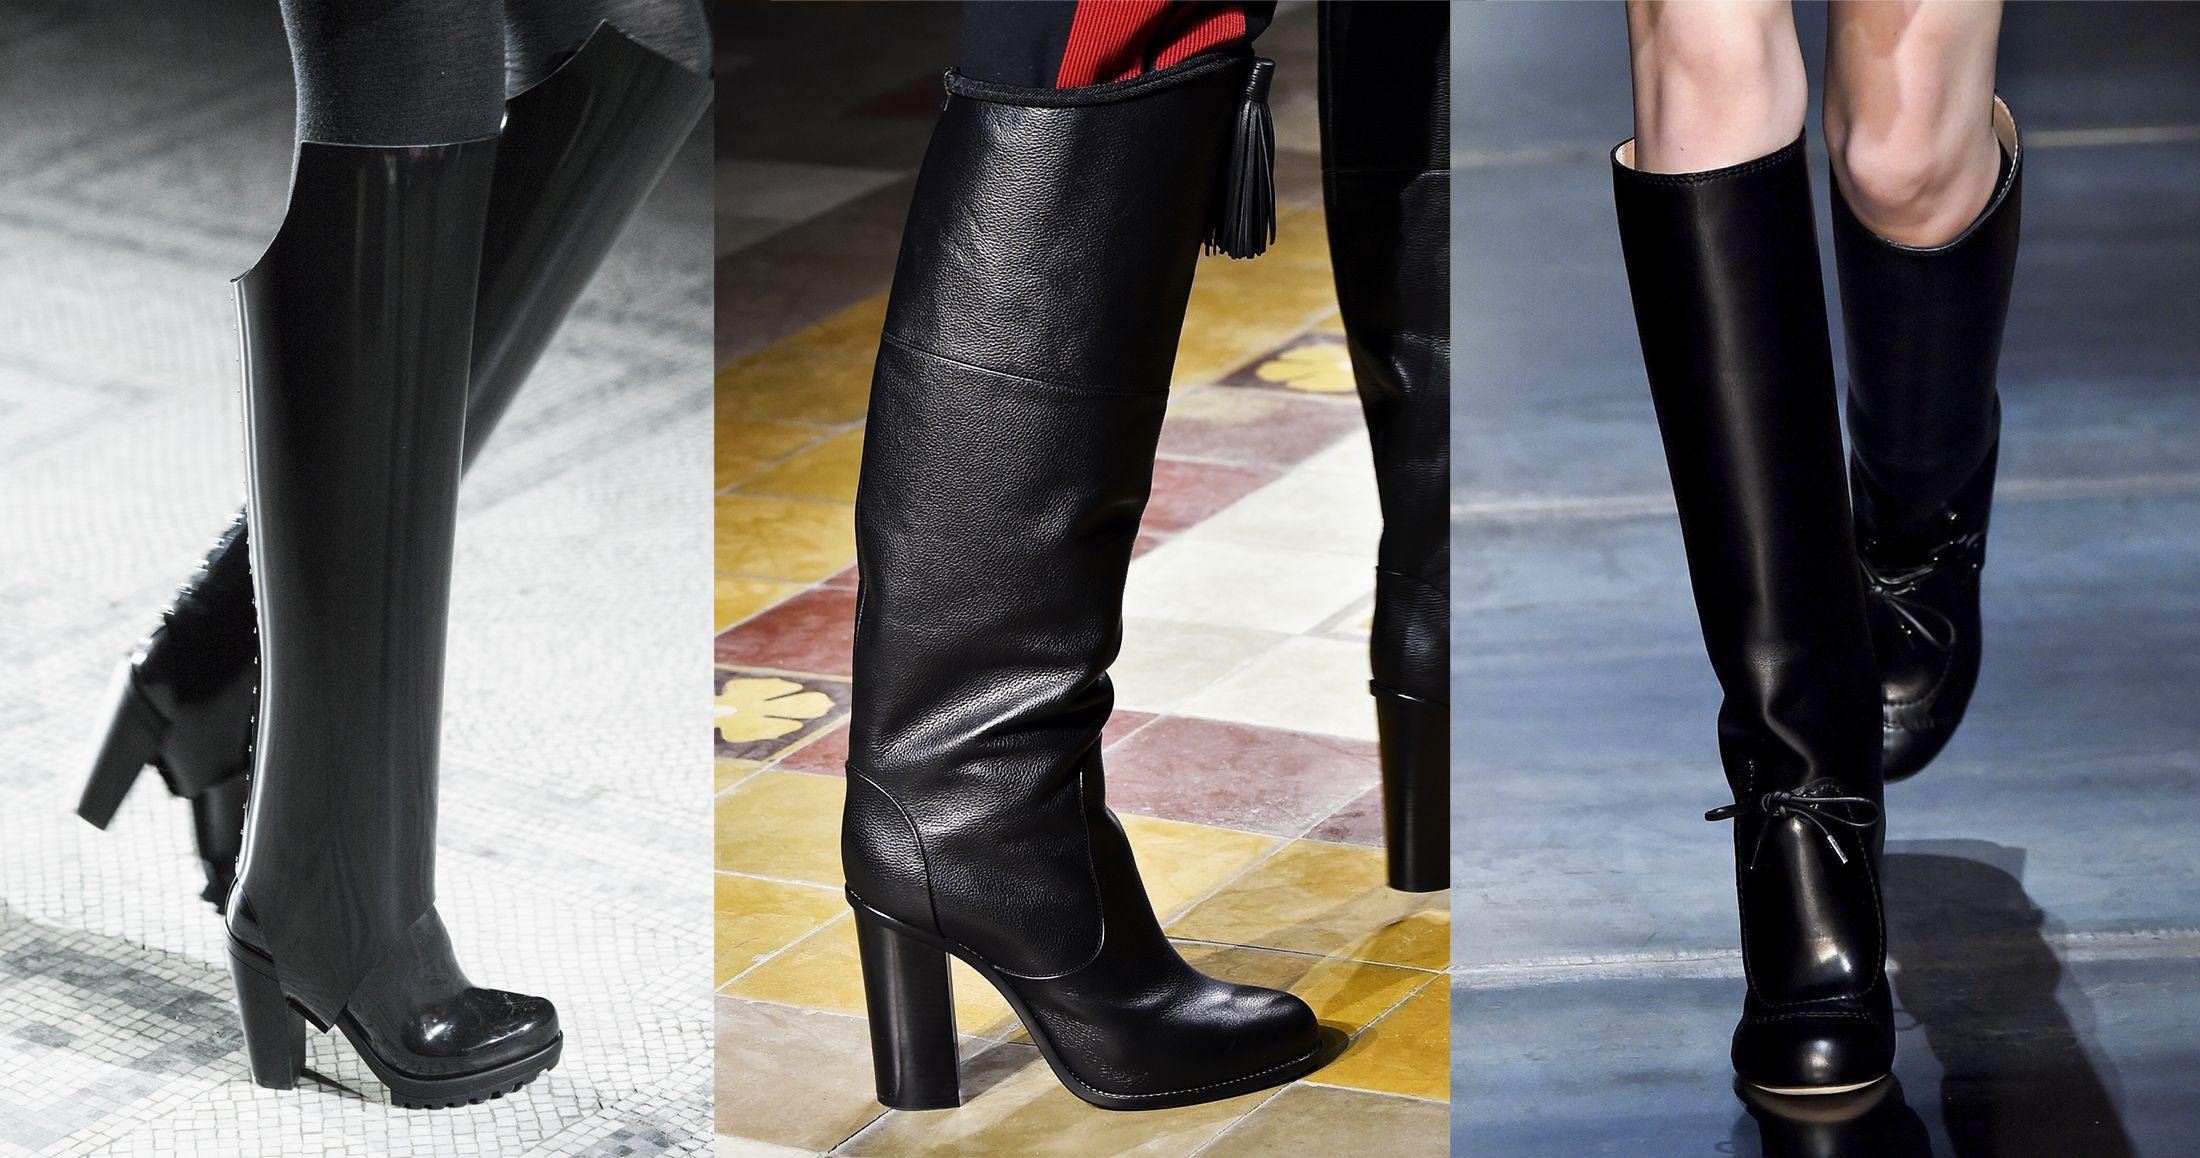 Visti alle sfilate  stivali neri sexy anni 70. Da sinistra in gomma con  ghetta e588e35f569